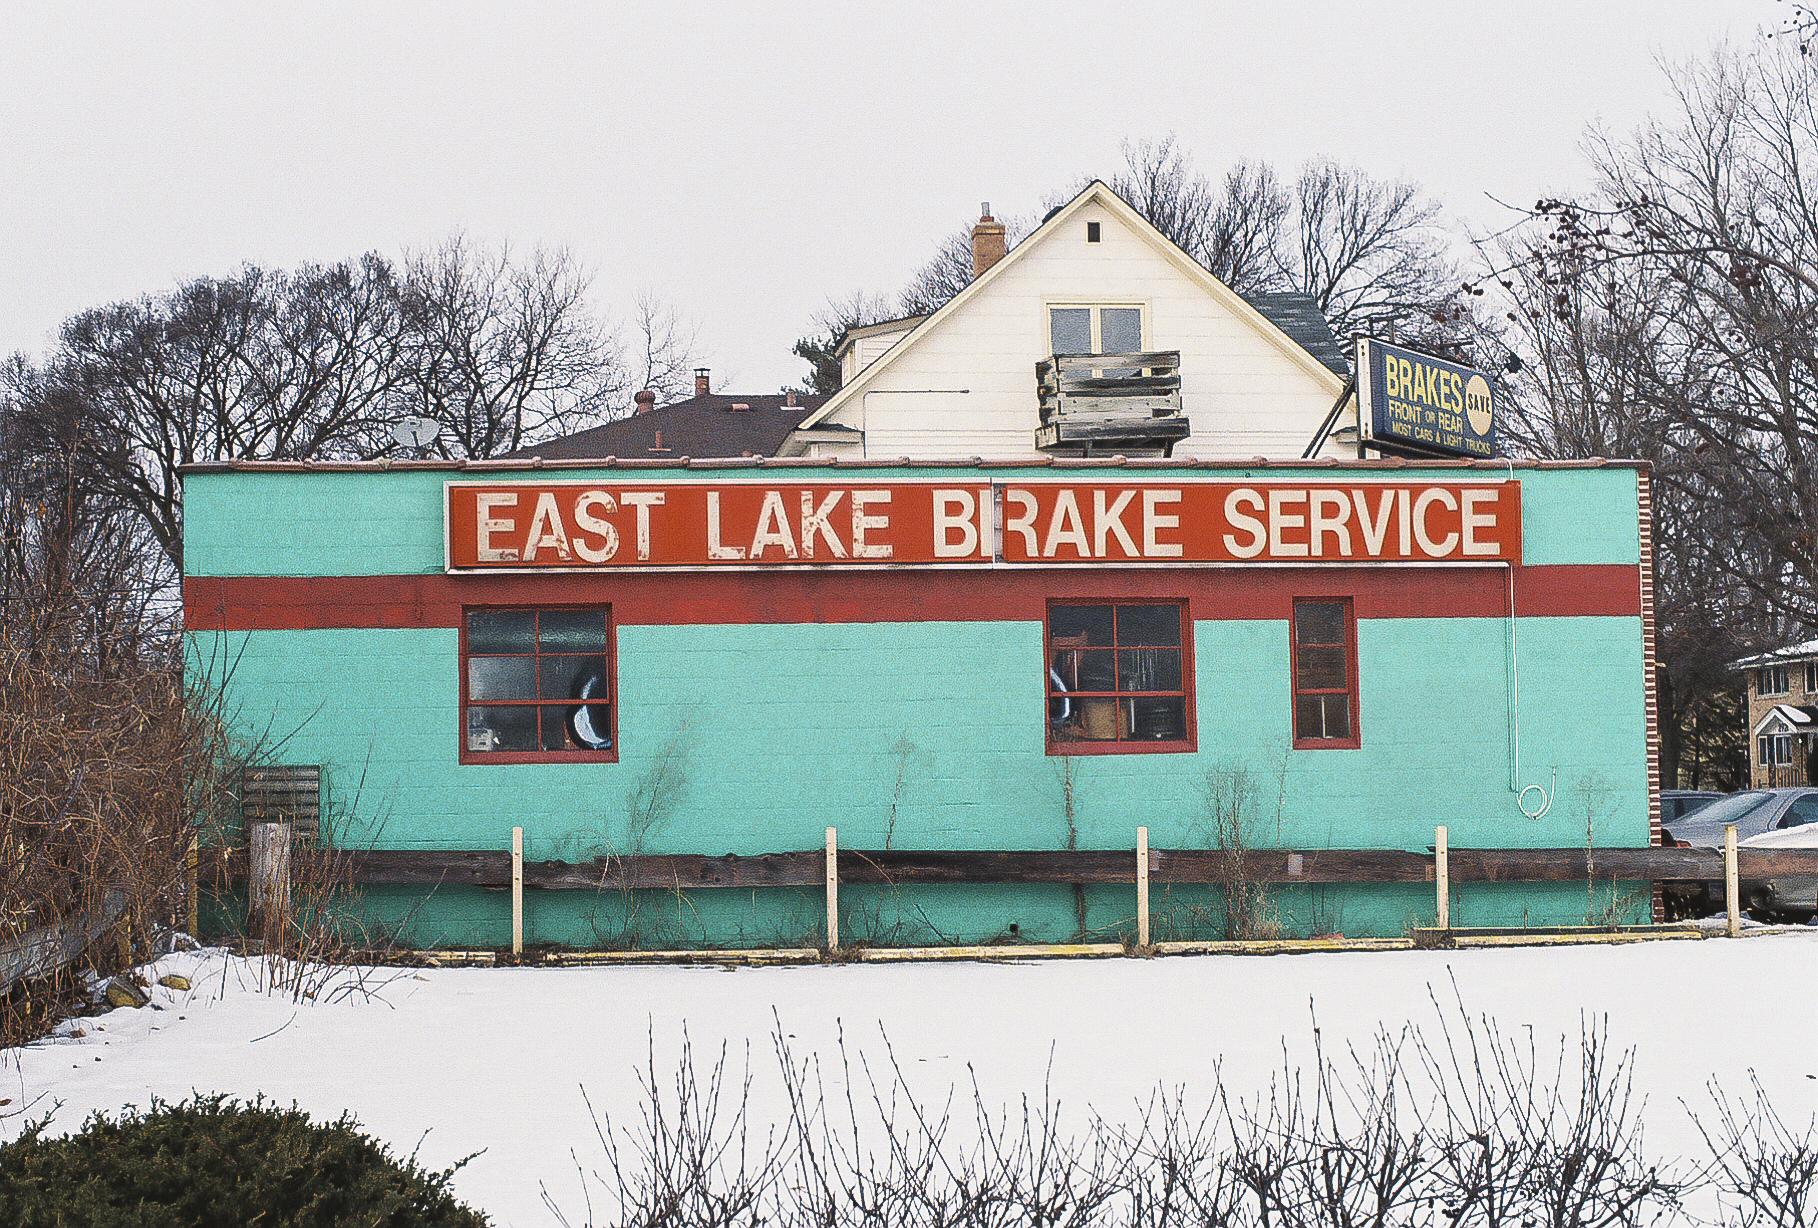 EastLakeBrake.jpg